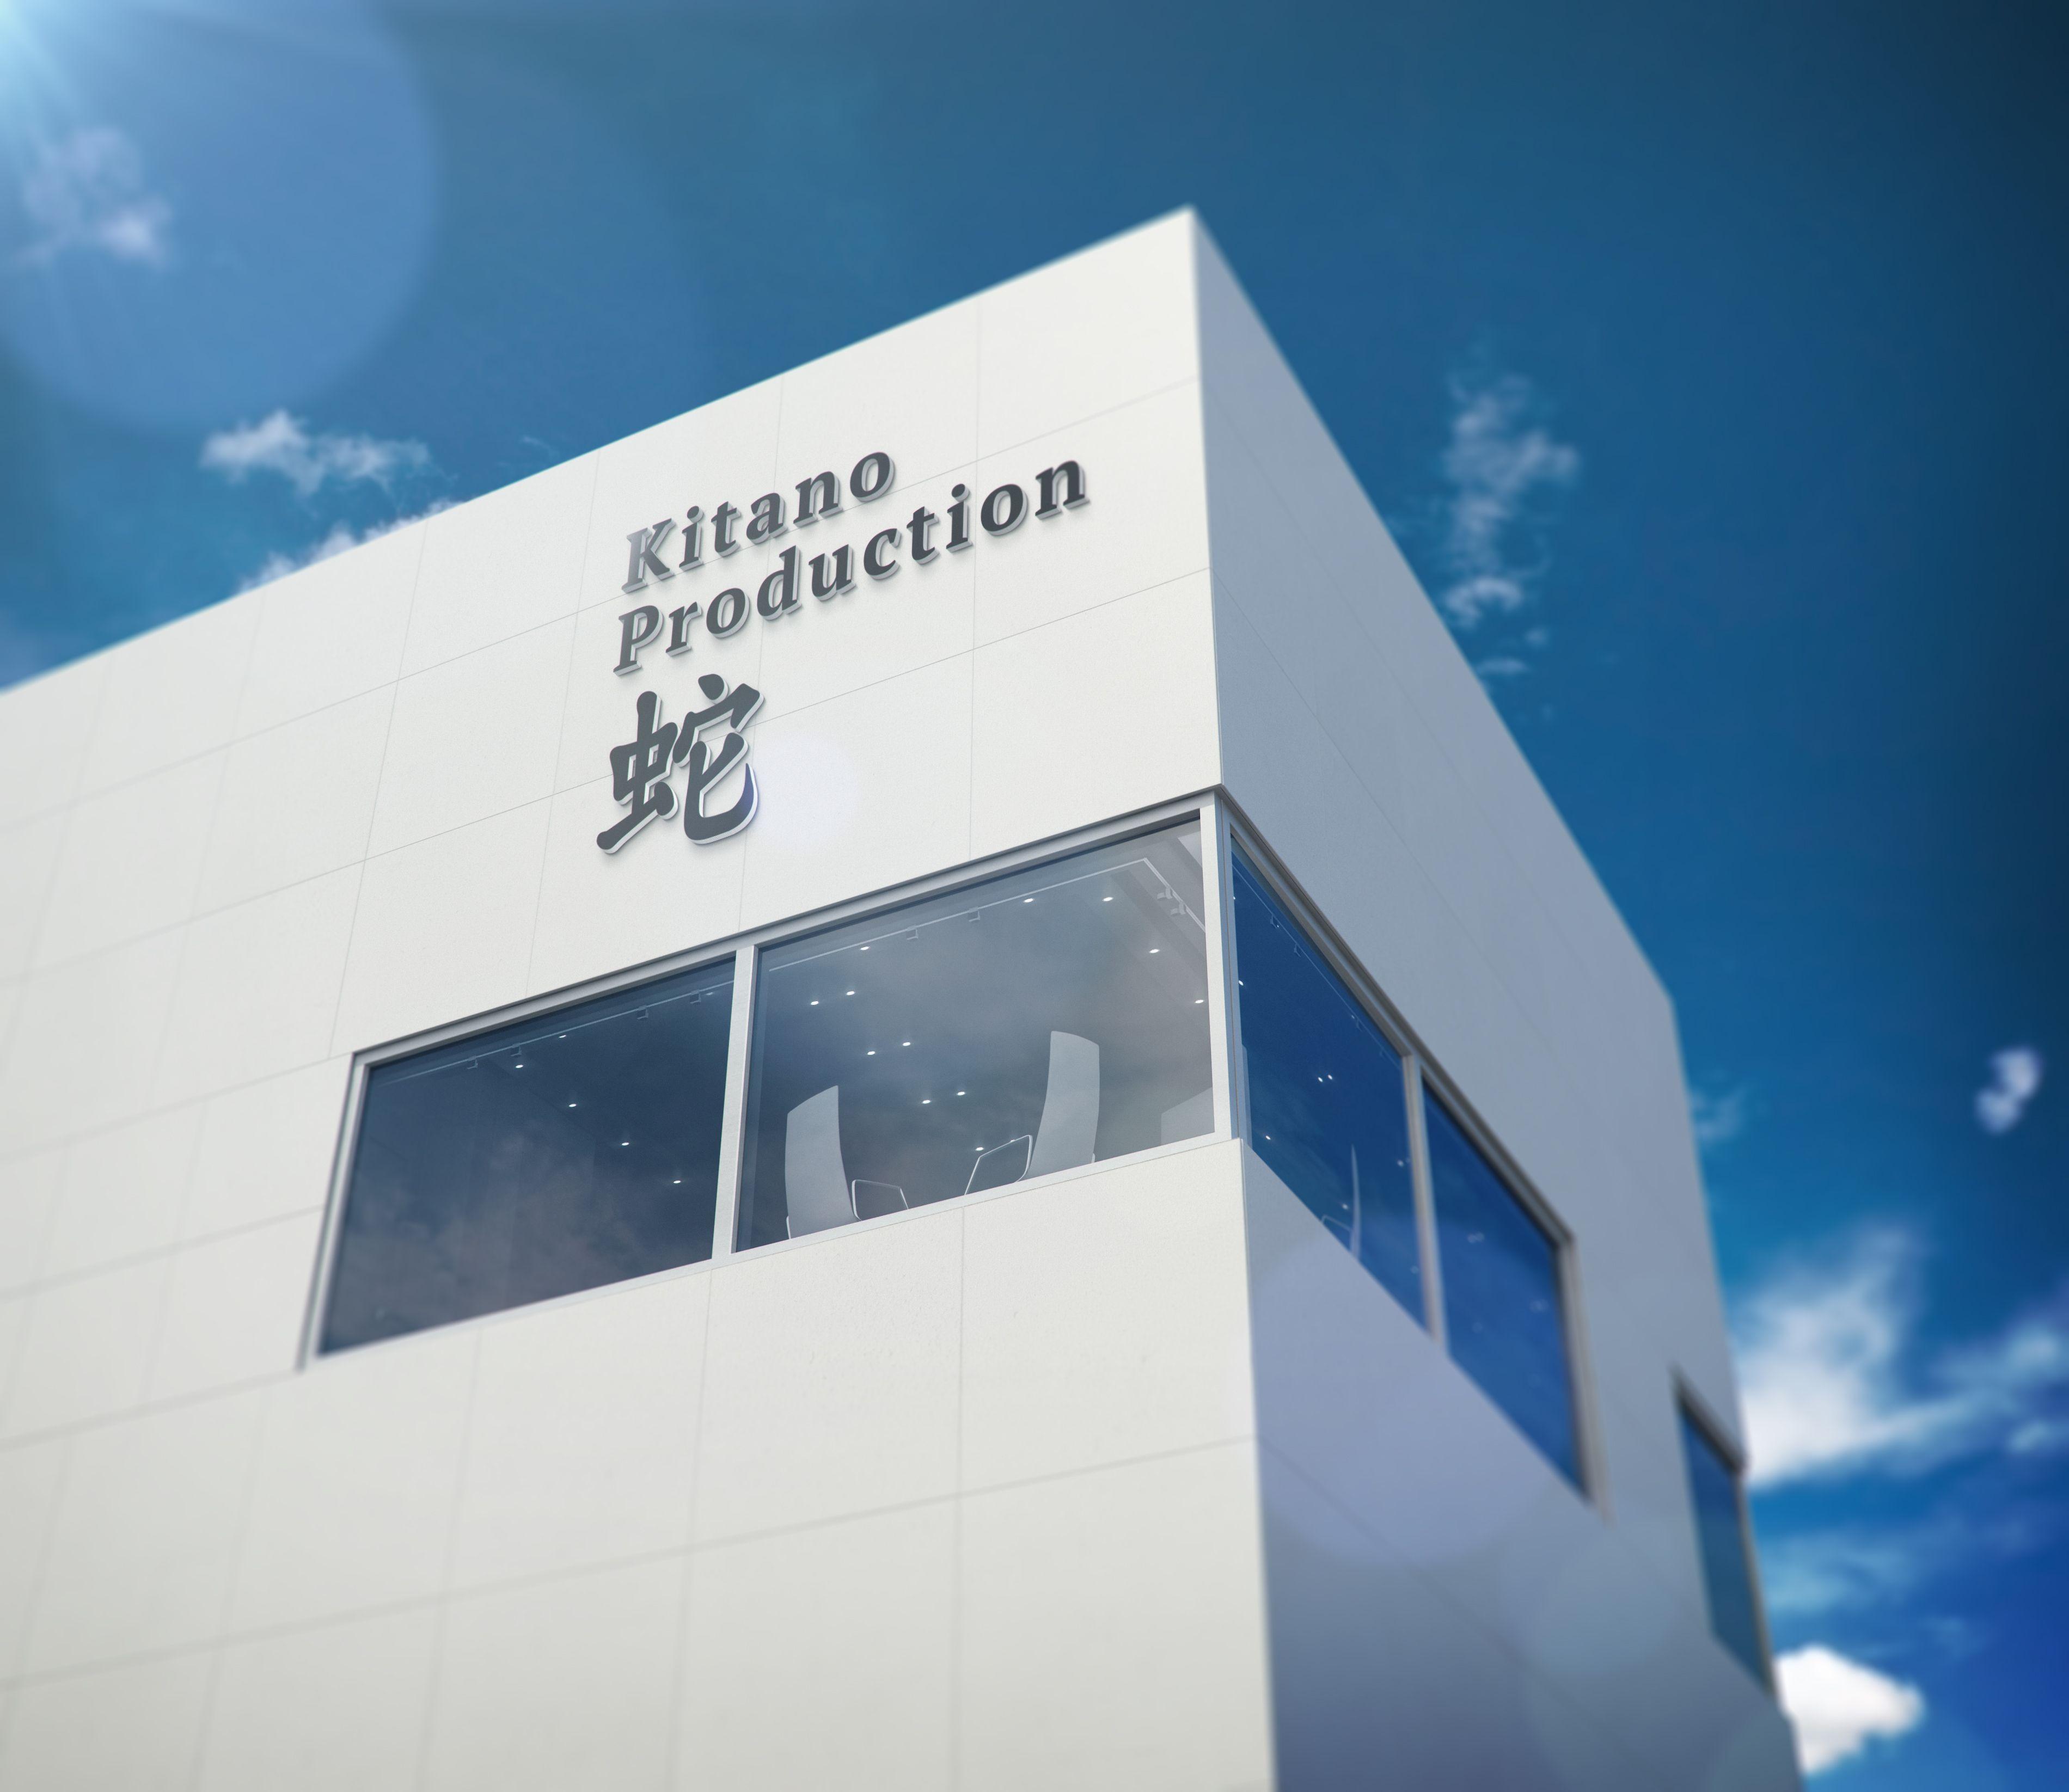 10 ملفات موك اب واجهة مبني Building 3d Logo Mockup مدرسة المصممين 3d Logo Facade Signage